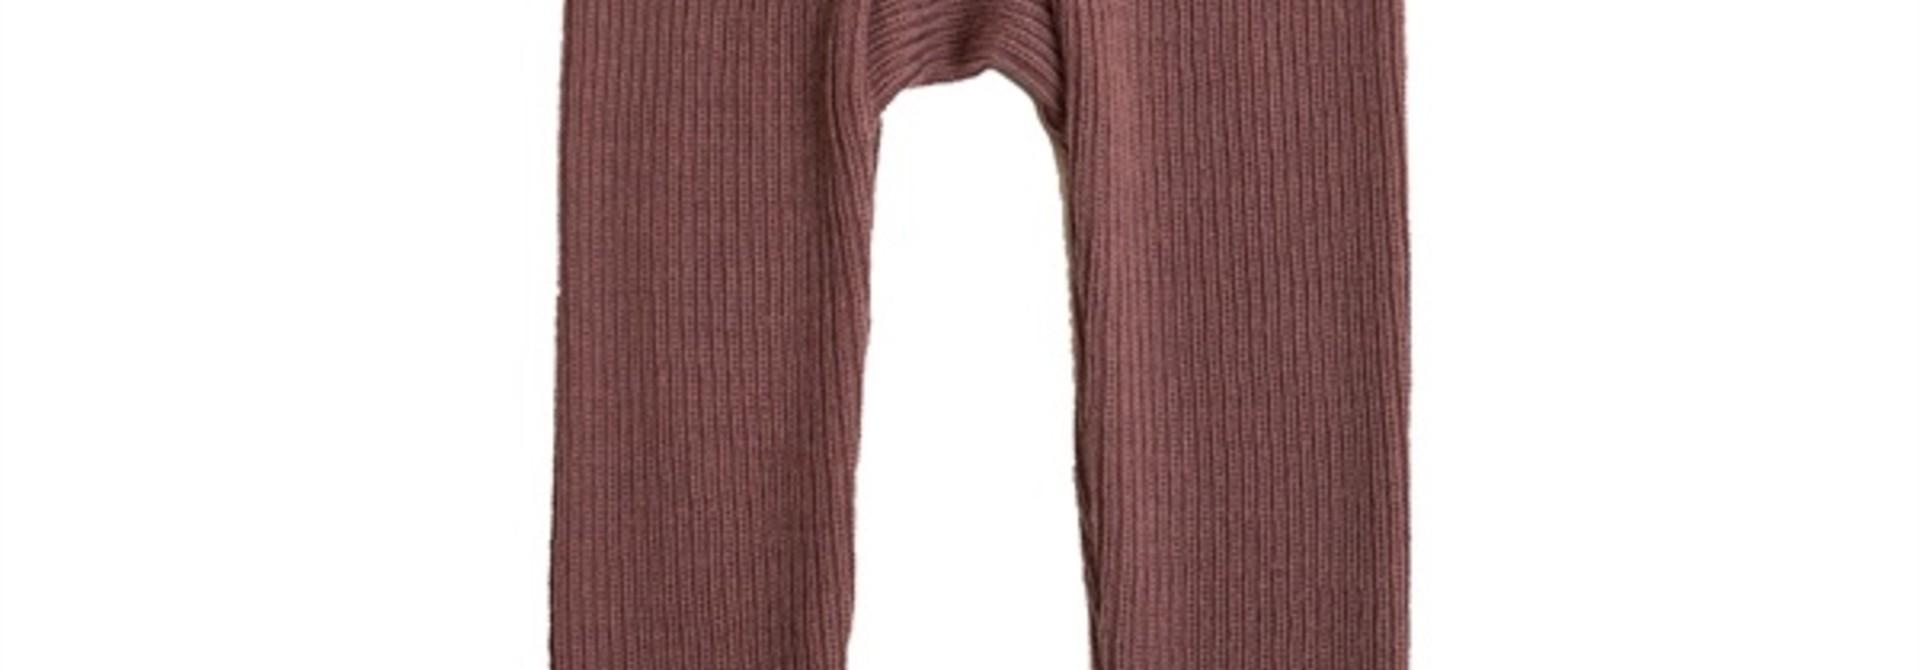 Legging rib - merino wool